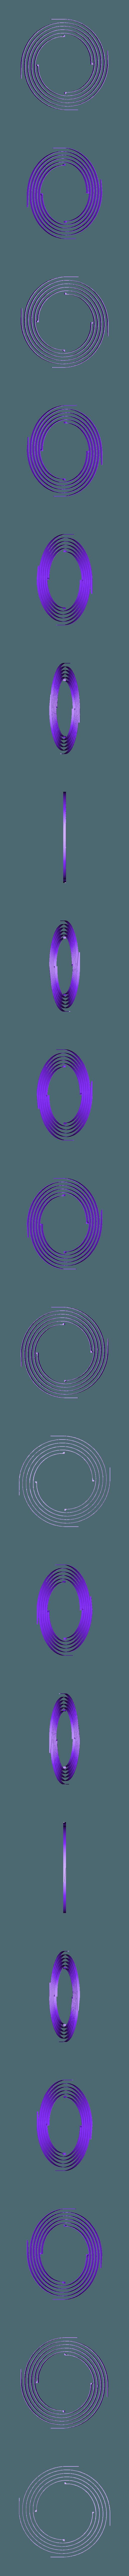 MaskStrapRevDx4.stl Télécharger fichier STL gratuit Masque respiratoire v2 • Objet pour imprimante 3D, ThinkSolutions